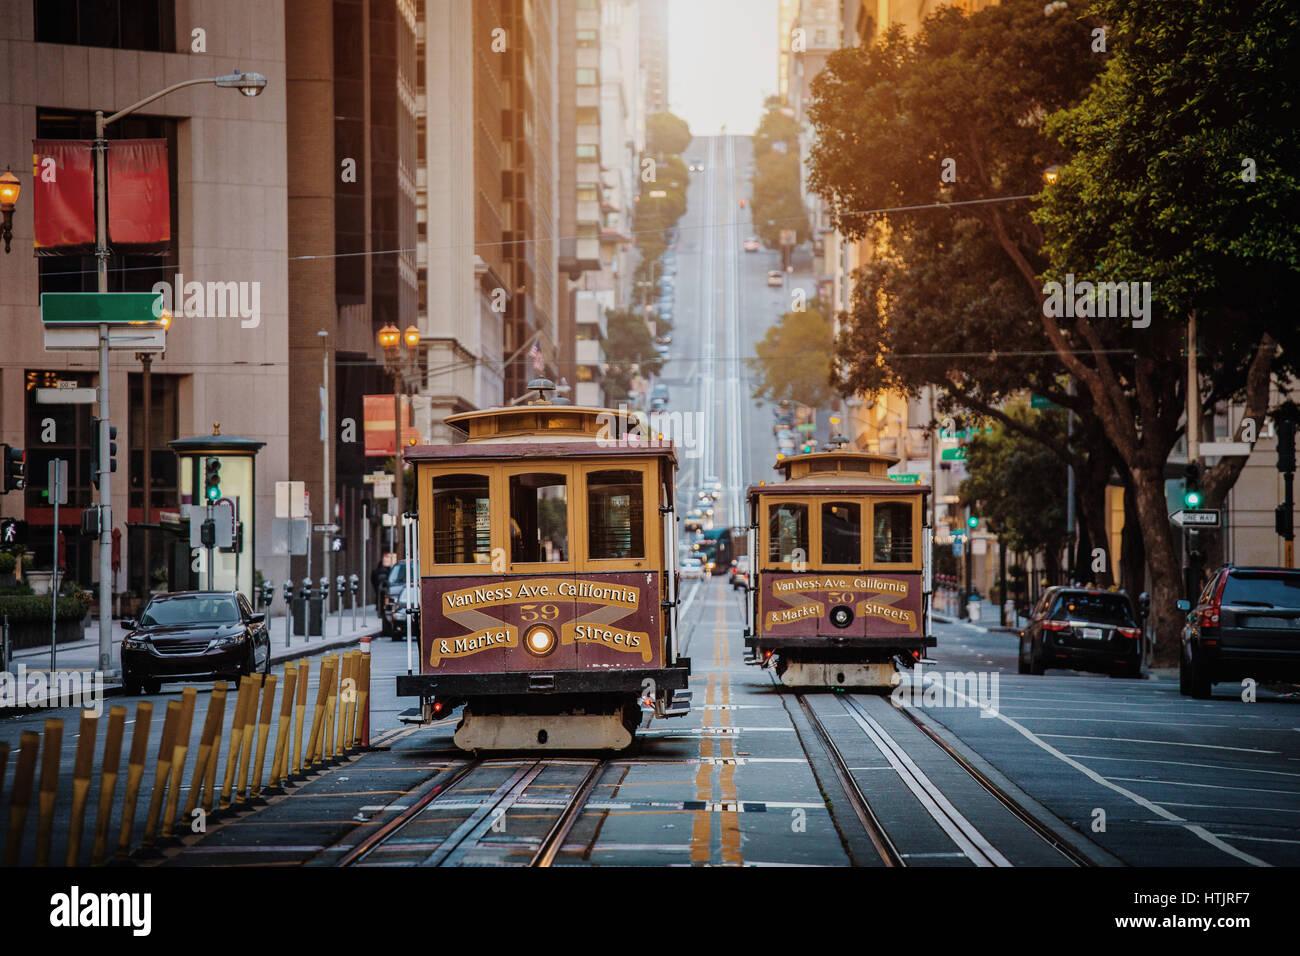 Visualizzazione classica della storica tradizionale cavo auto equitazione sulla famosa California Street all'inizio. Immagini Stock